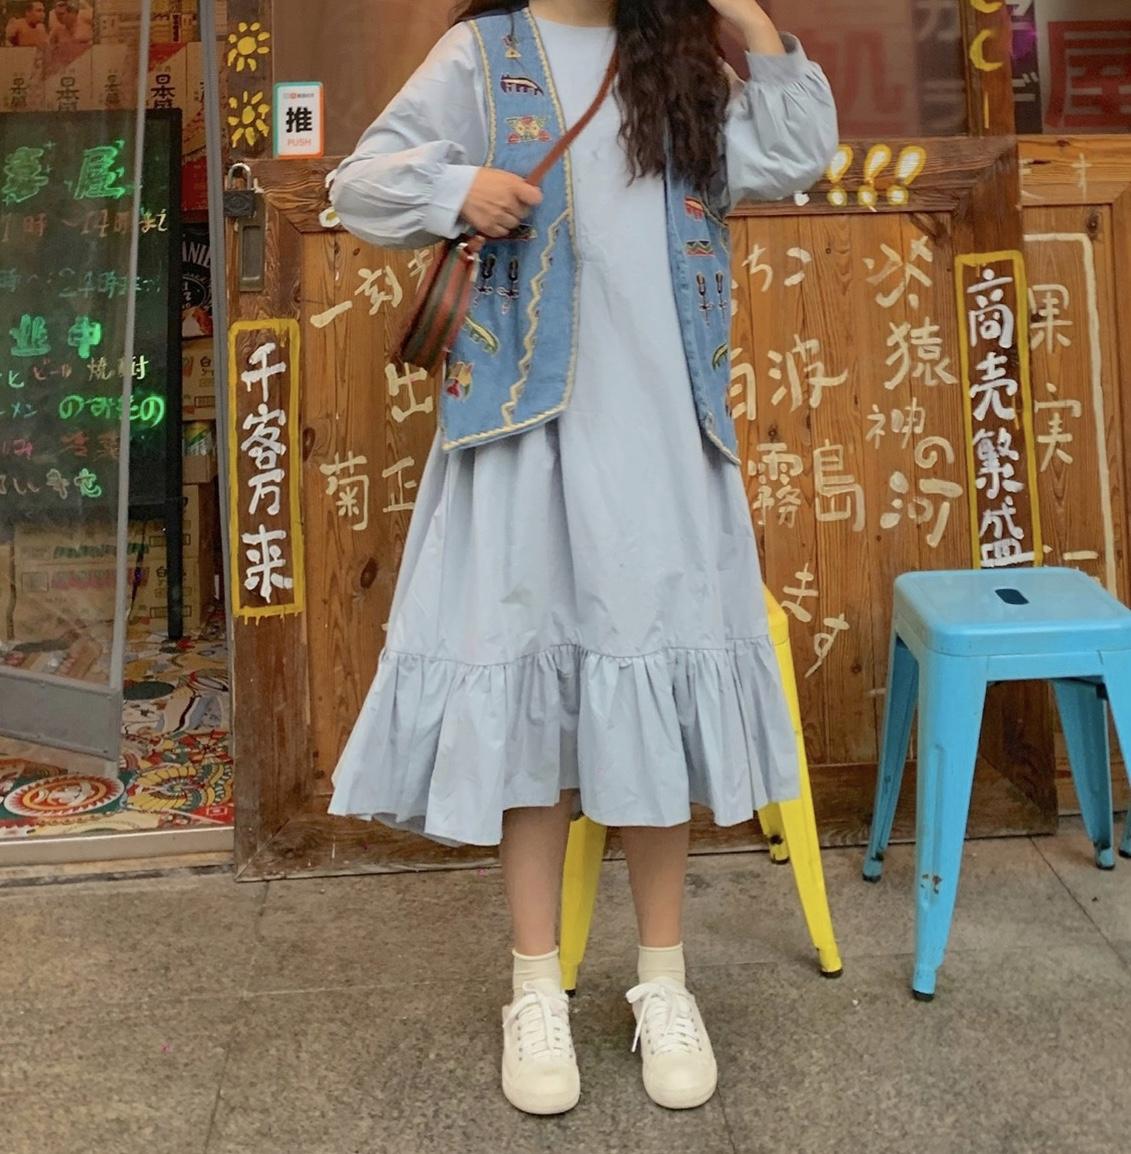 實拍控5古著商店復古牛仔馬甲女刺繡韓版領秋季寬松外穿背心+裙子